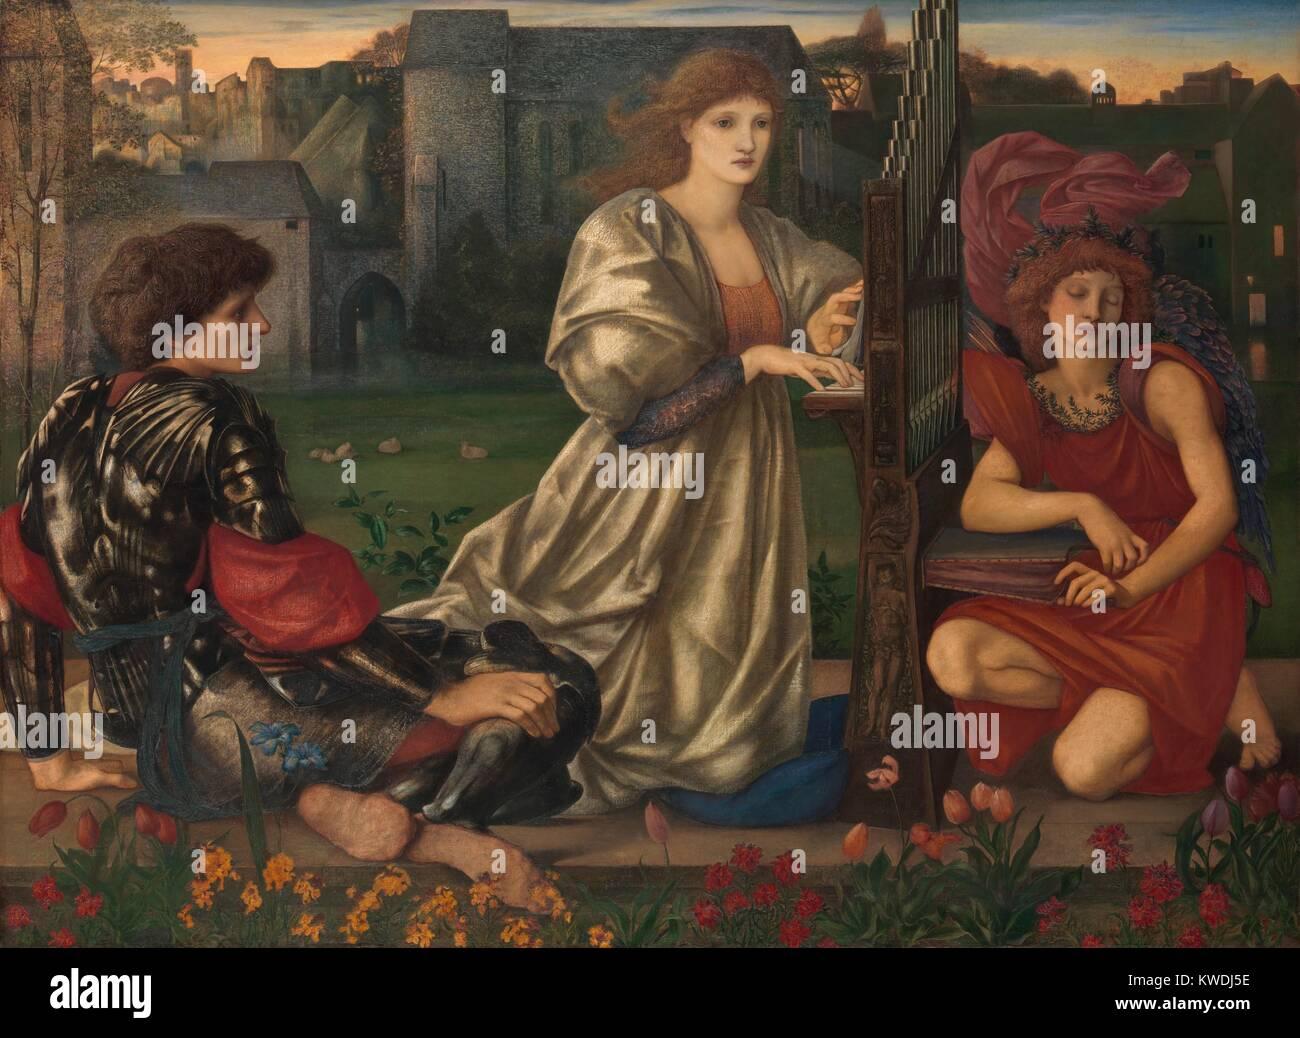 Die LOVE SONG, von Sir Edward Burne-Jones, 1868-77, britischen Malerei, Öl auf Leinwand. In der Mitte, eine Stockbild